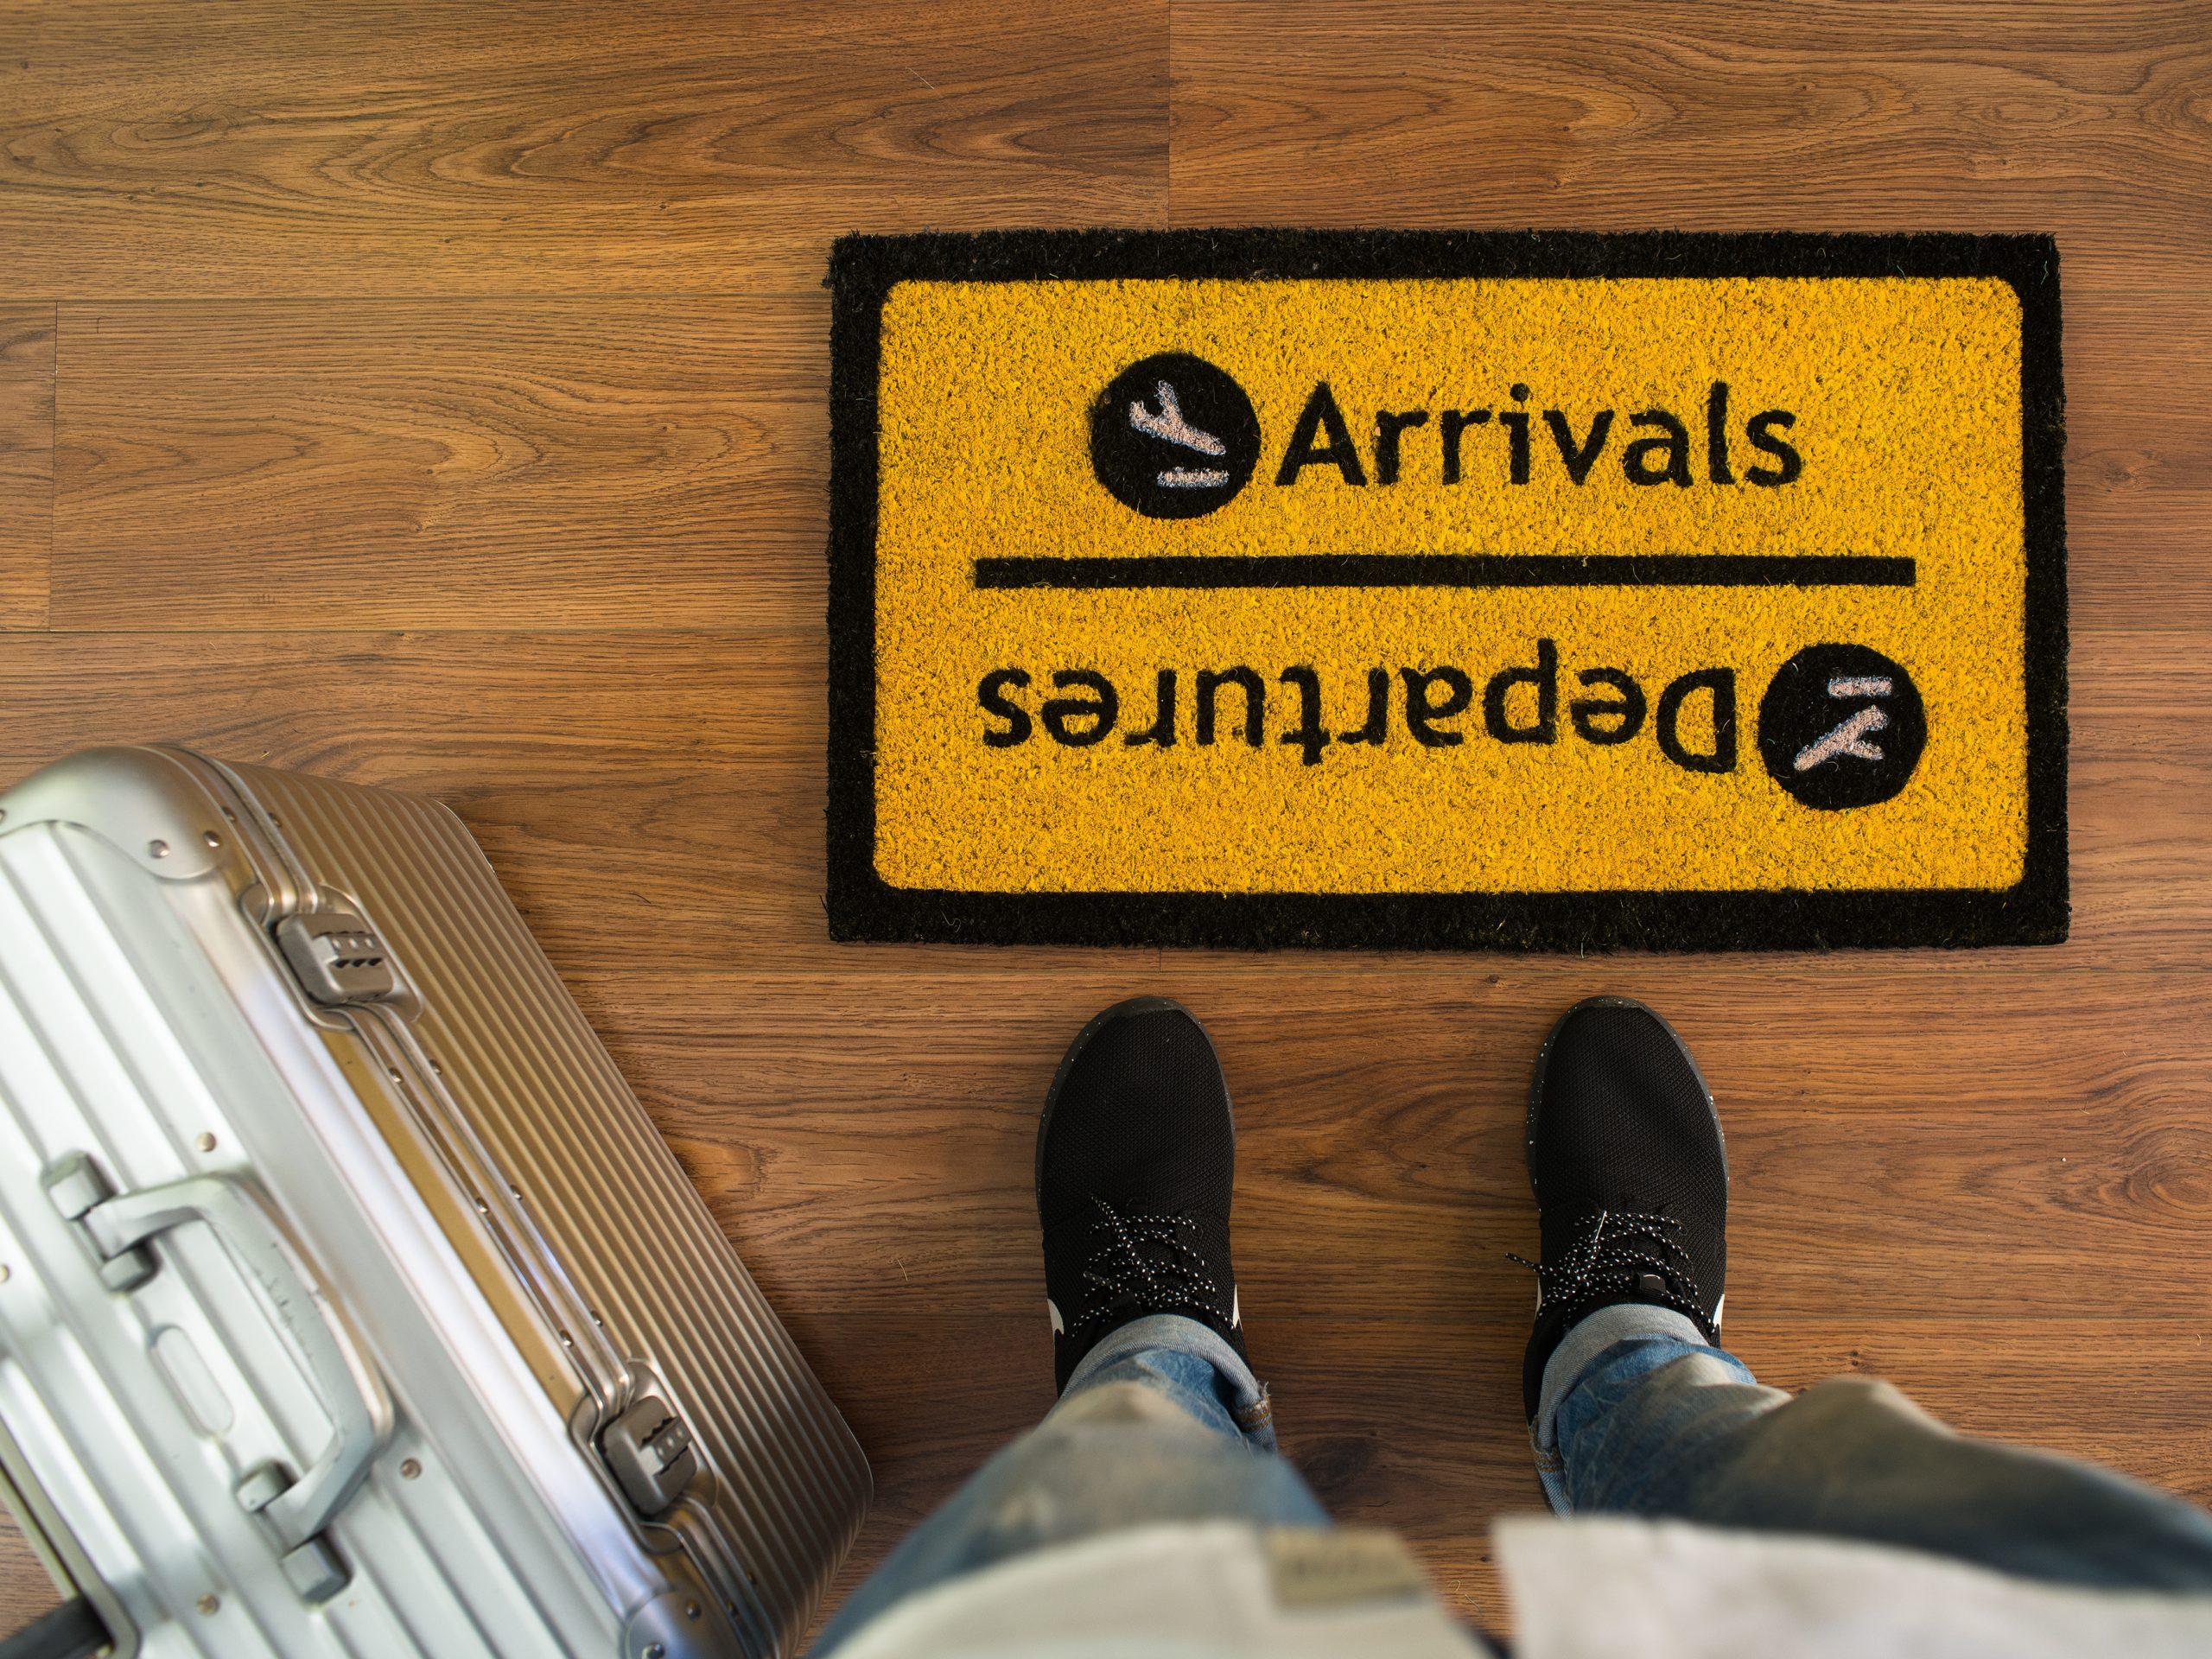 Felpudo llegadas y salidas